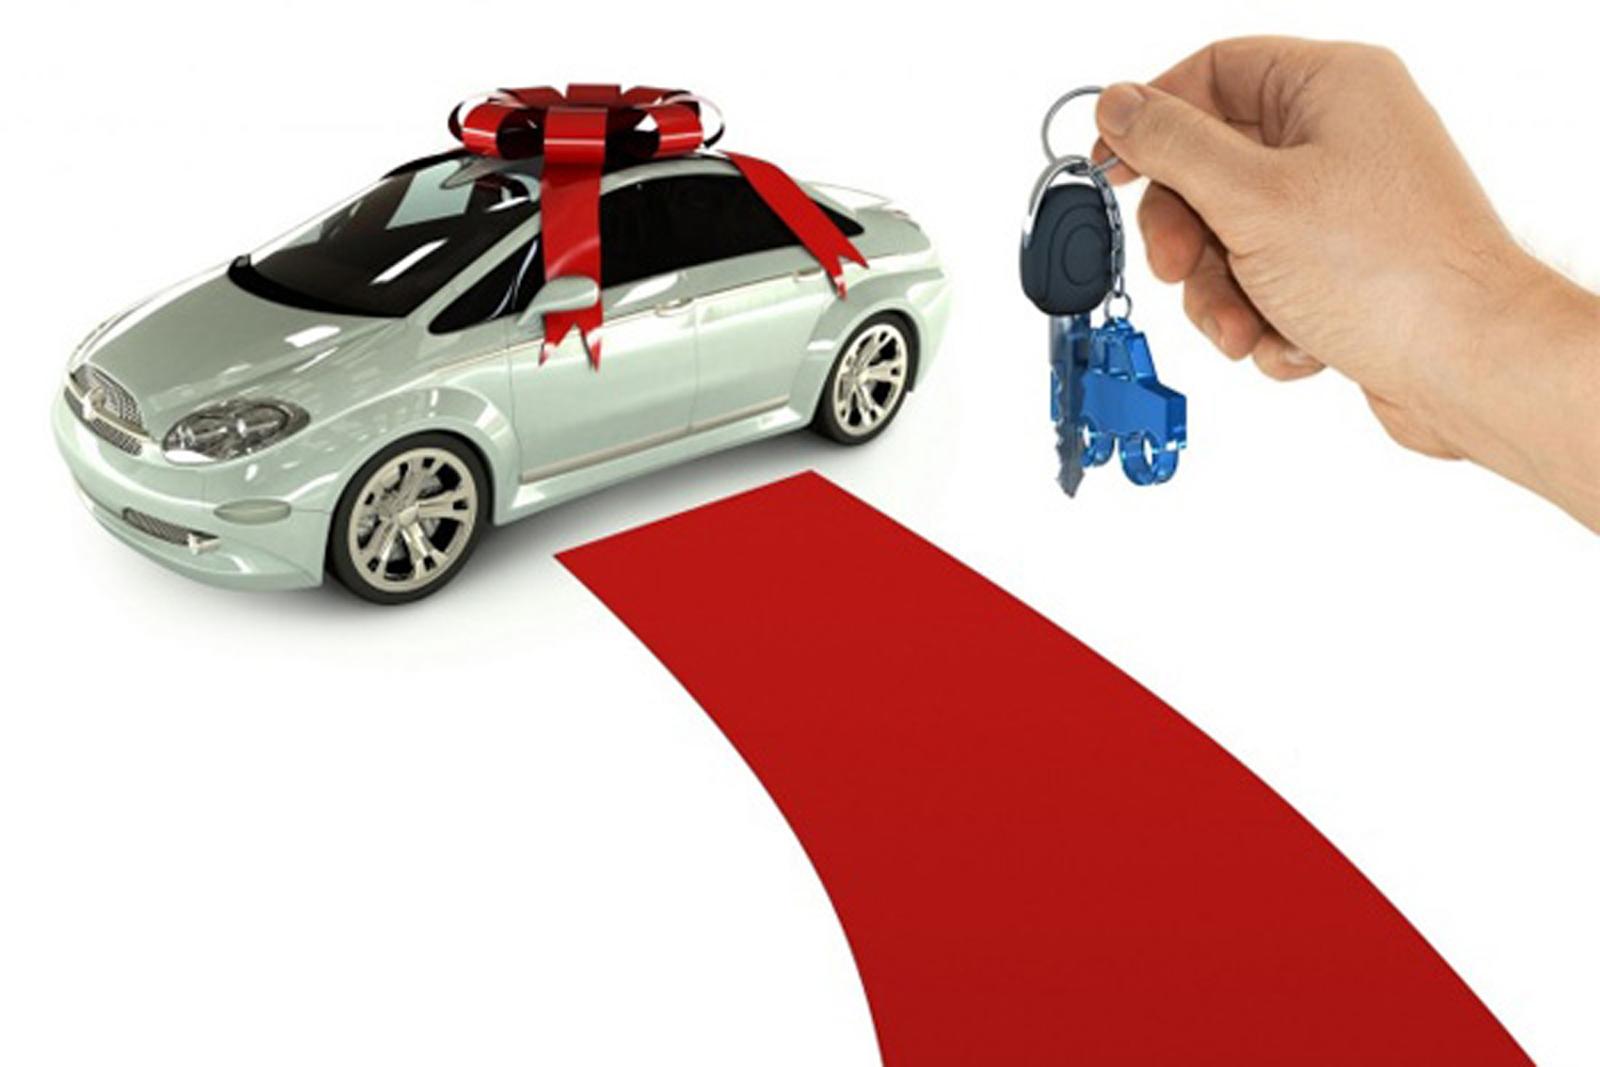 Panduan Utama untuk Membeli Mobil: Enam Pertanyaan untuk Ditanyakan